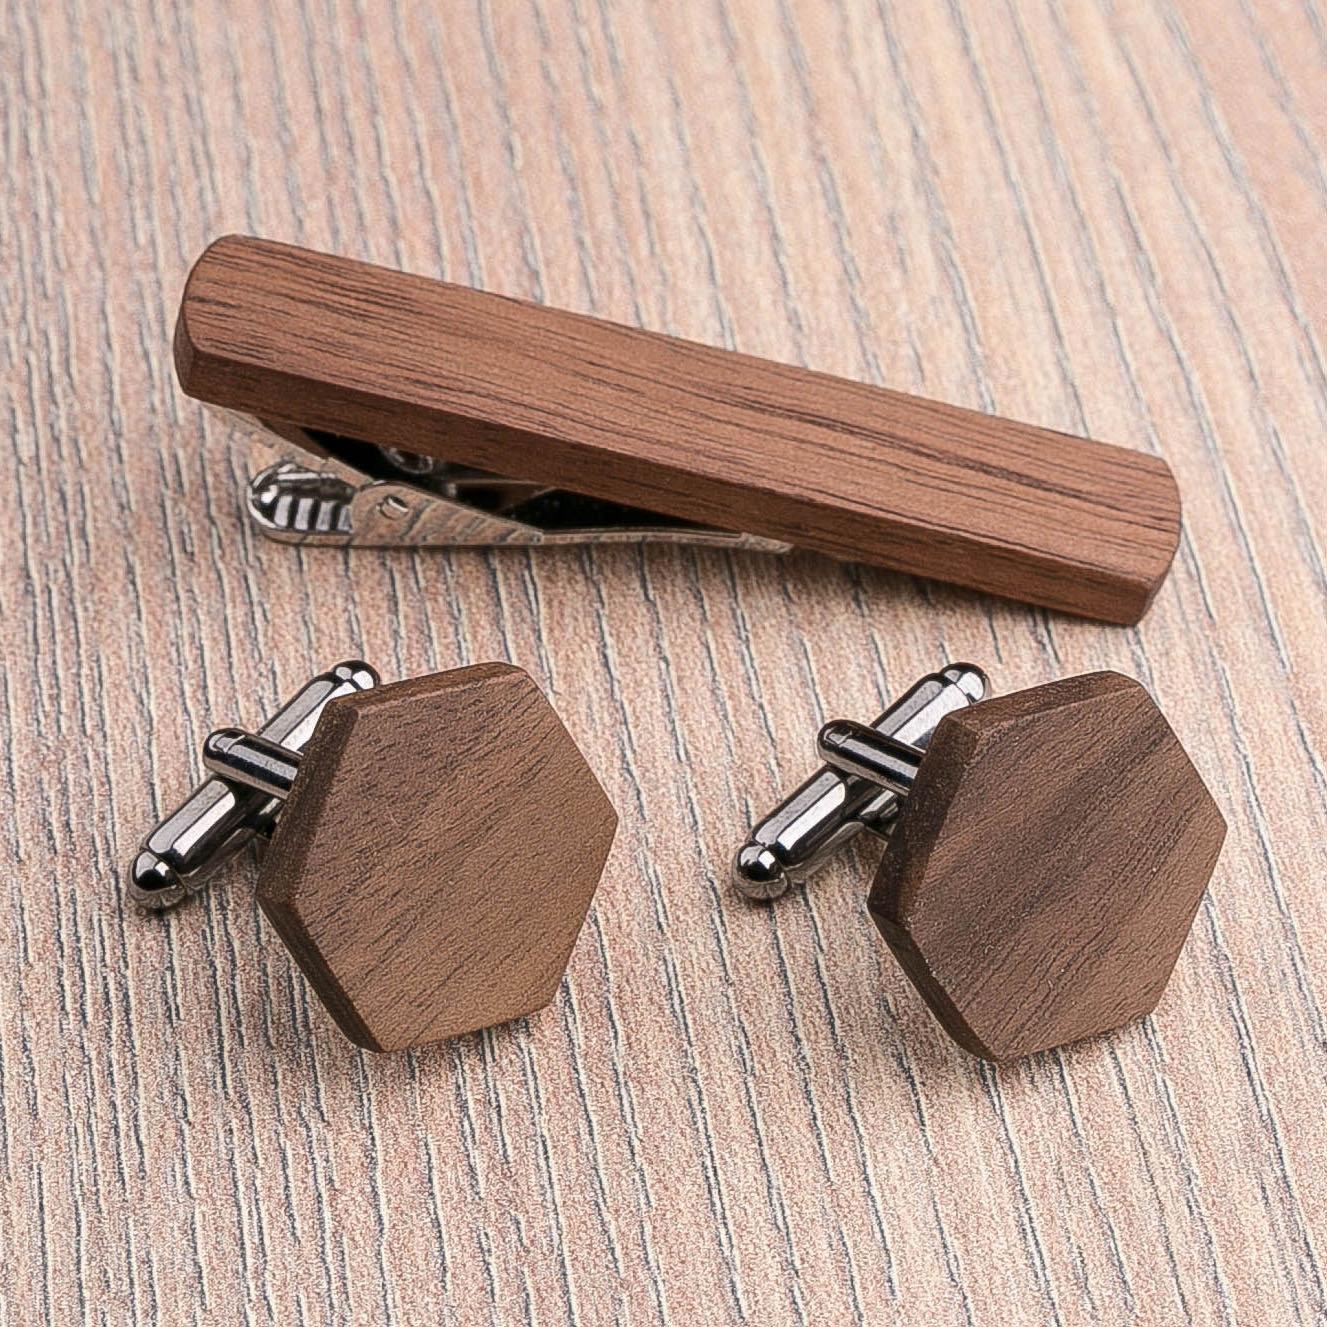 Комплект: Шестигранные запонки из дерева и Деревянный зажим для галстука. Массив ореха. Гравировка инициалов. Упаковка в комплекте CufflinksSet-OctagonWalnut